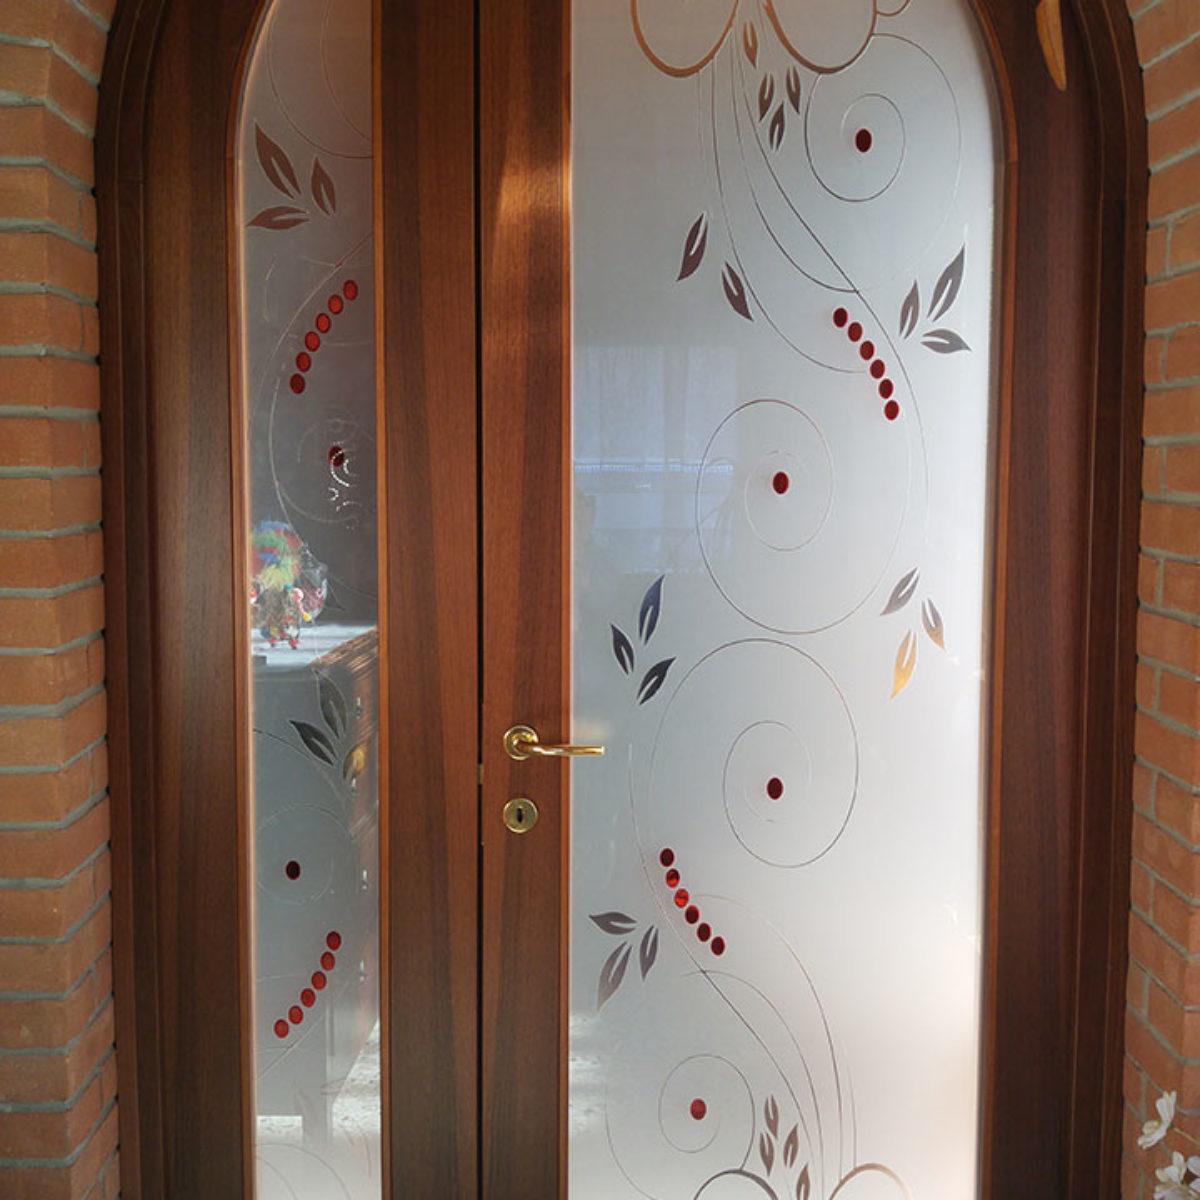 Lavorazione artistica del vetro a Vicenza